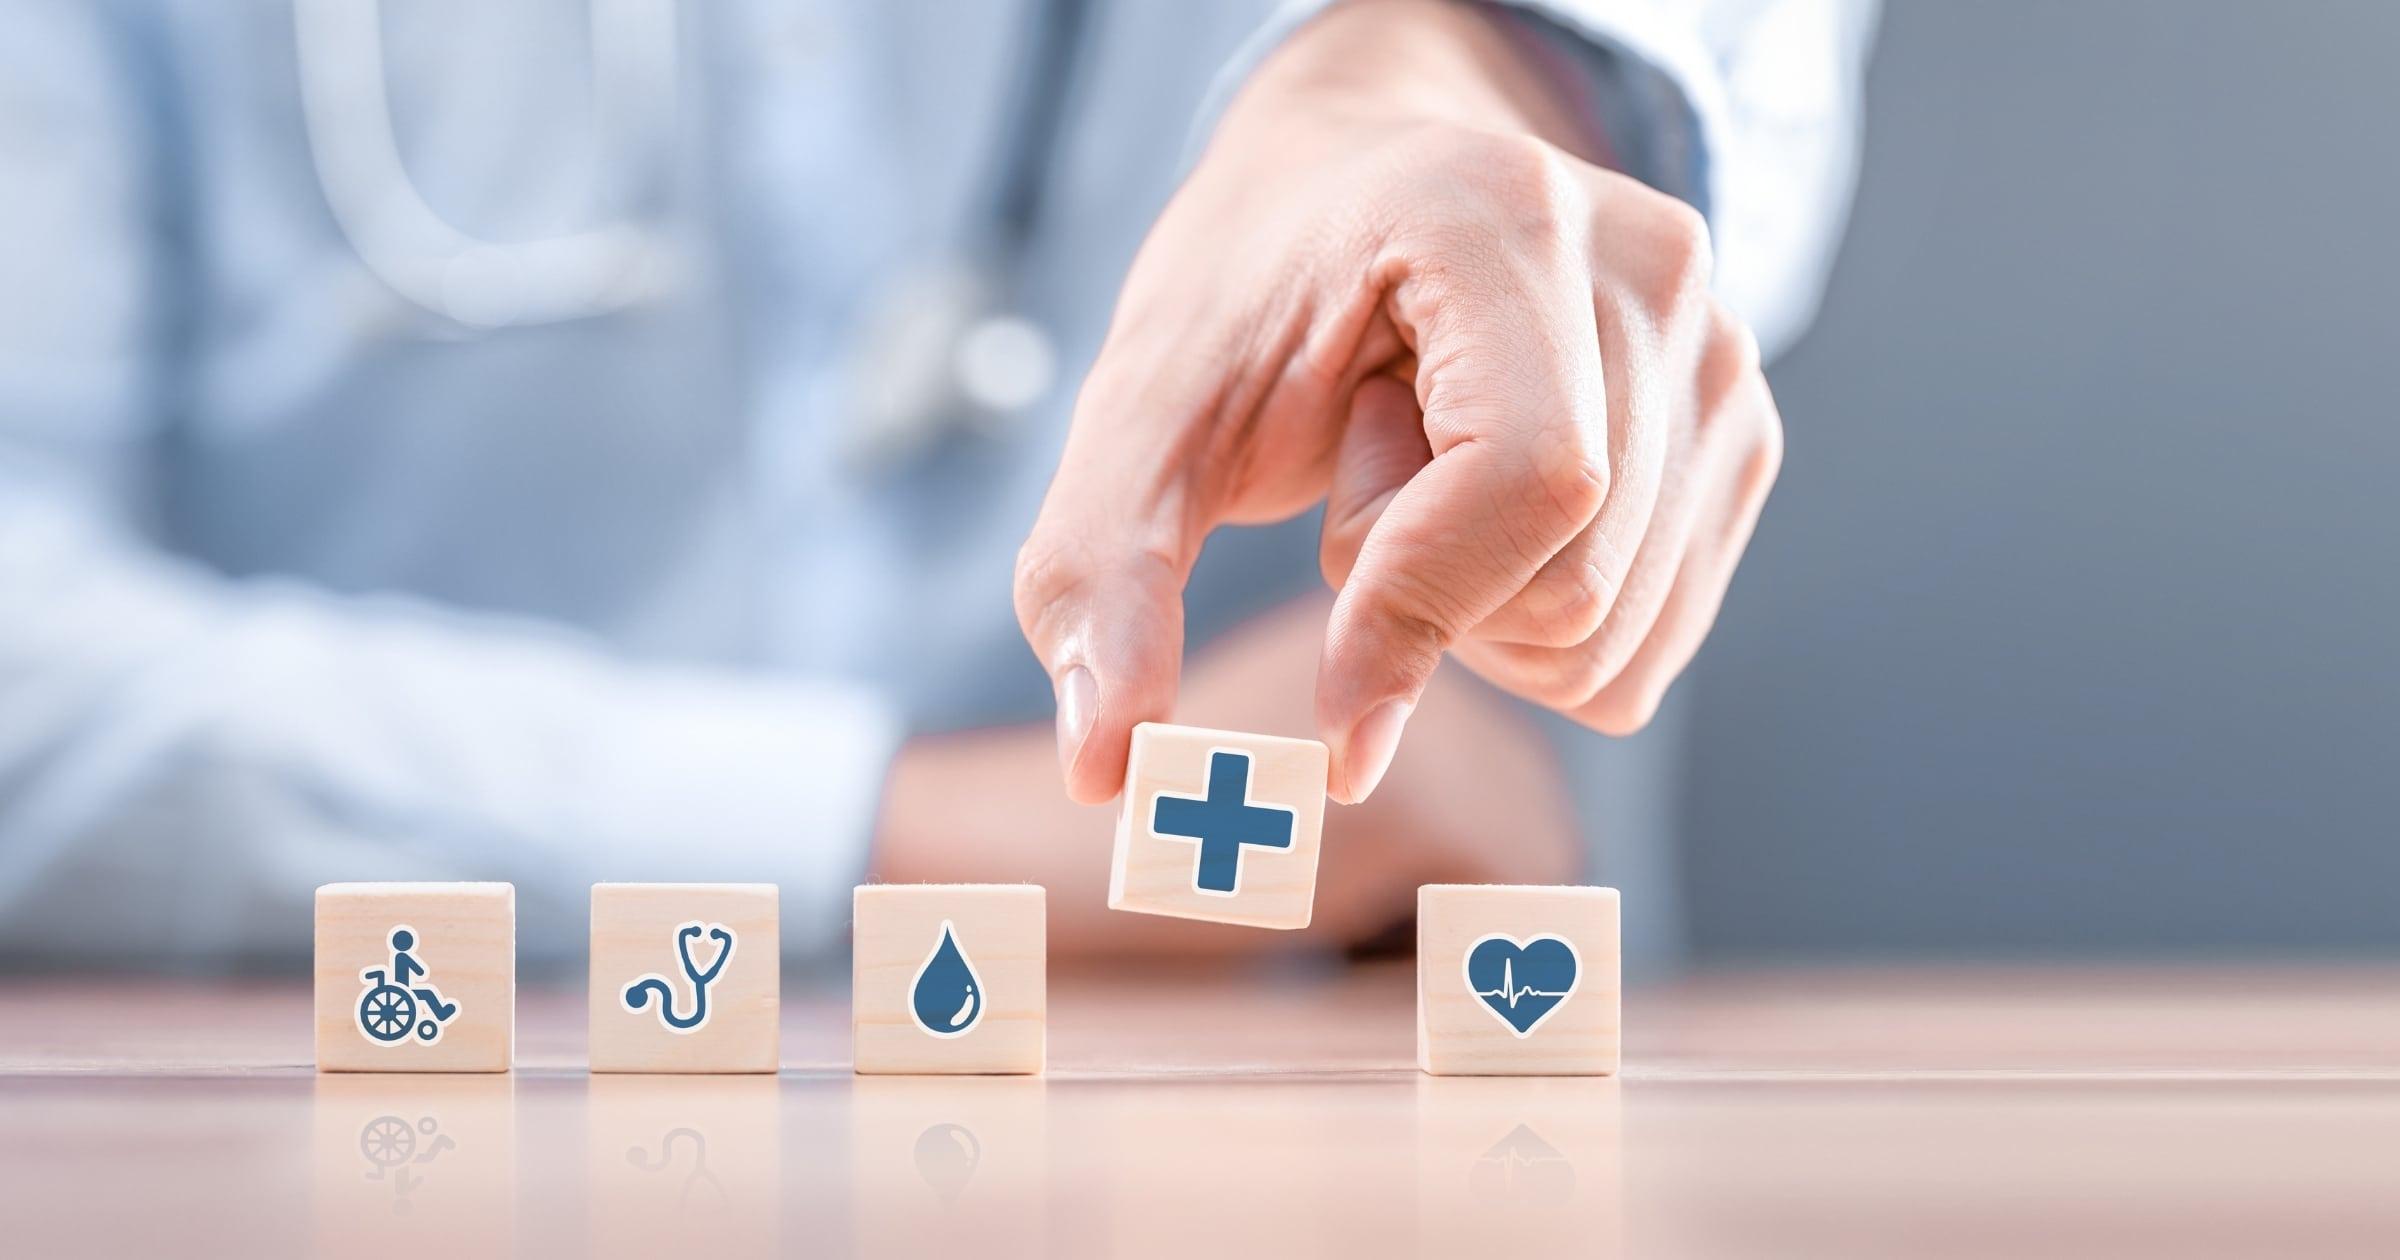 Seguro de Saúde: o que deve ter em conta na hora de escolher